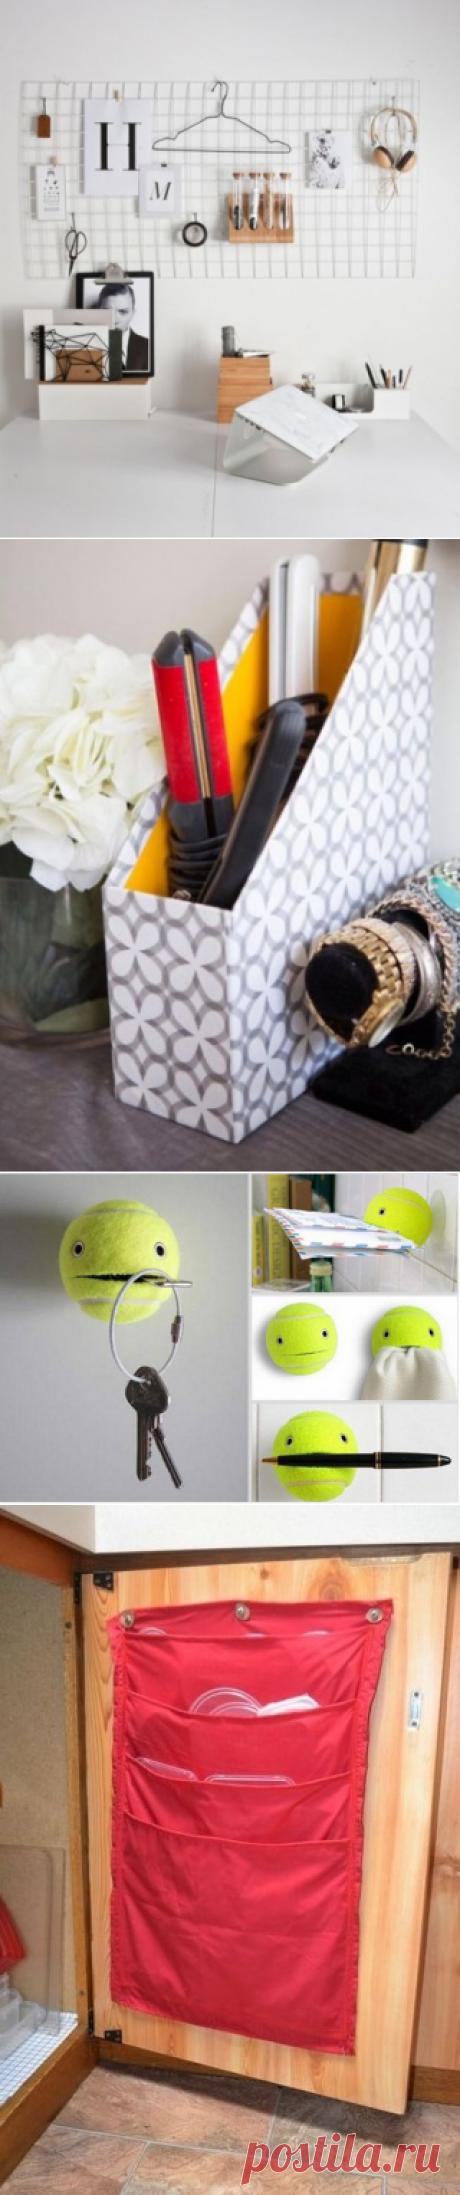 Las ideas interesantes el almacenaje de las bagatelas — los consejos Útiles